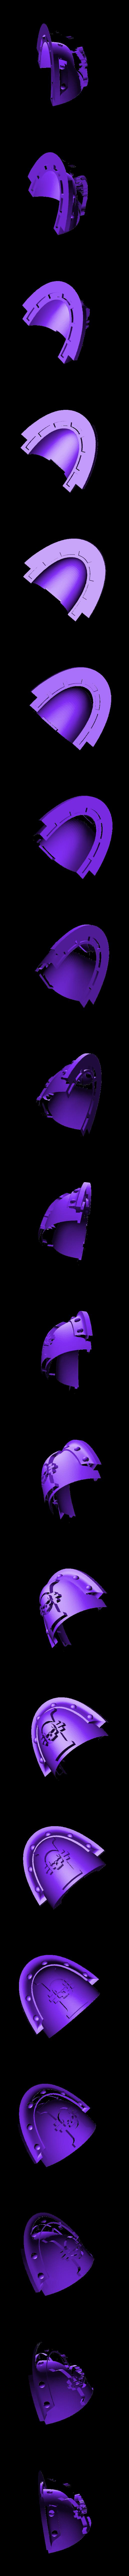 Shoulder 1.stl Télécharger fichier STL gratuit L'équipe des Chevaliers gris Primaris • Modèle pour imprimante 3D, joeldawson93